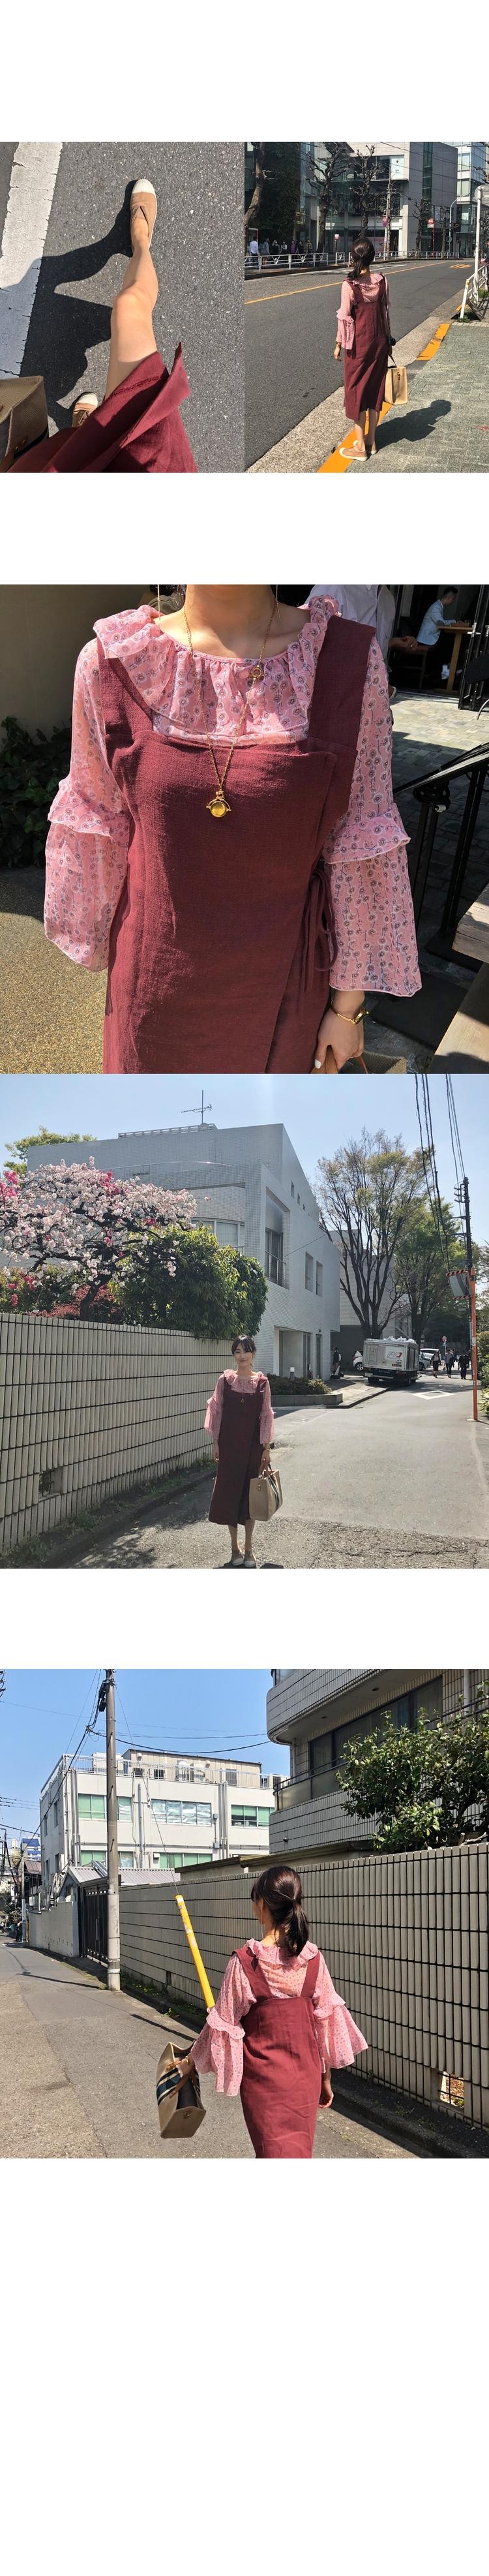 韩版女士手提公文包OL职业商务通勤条纹简约方形帆布大包包单肩